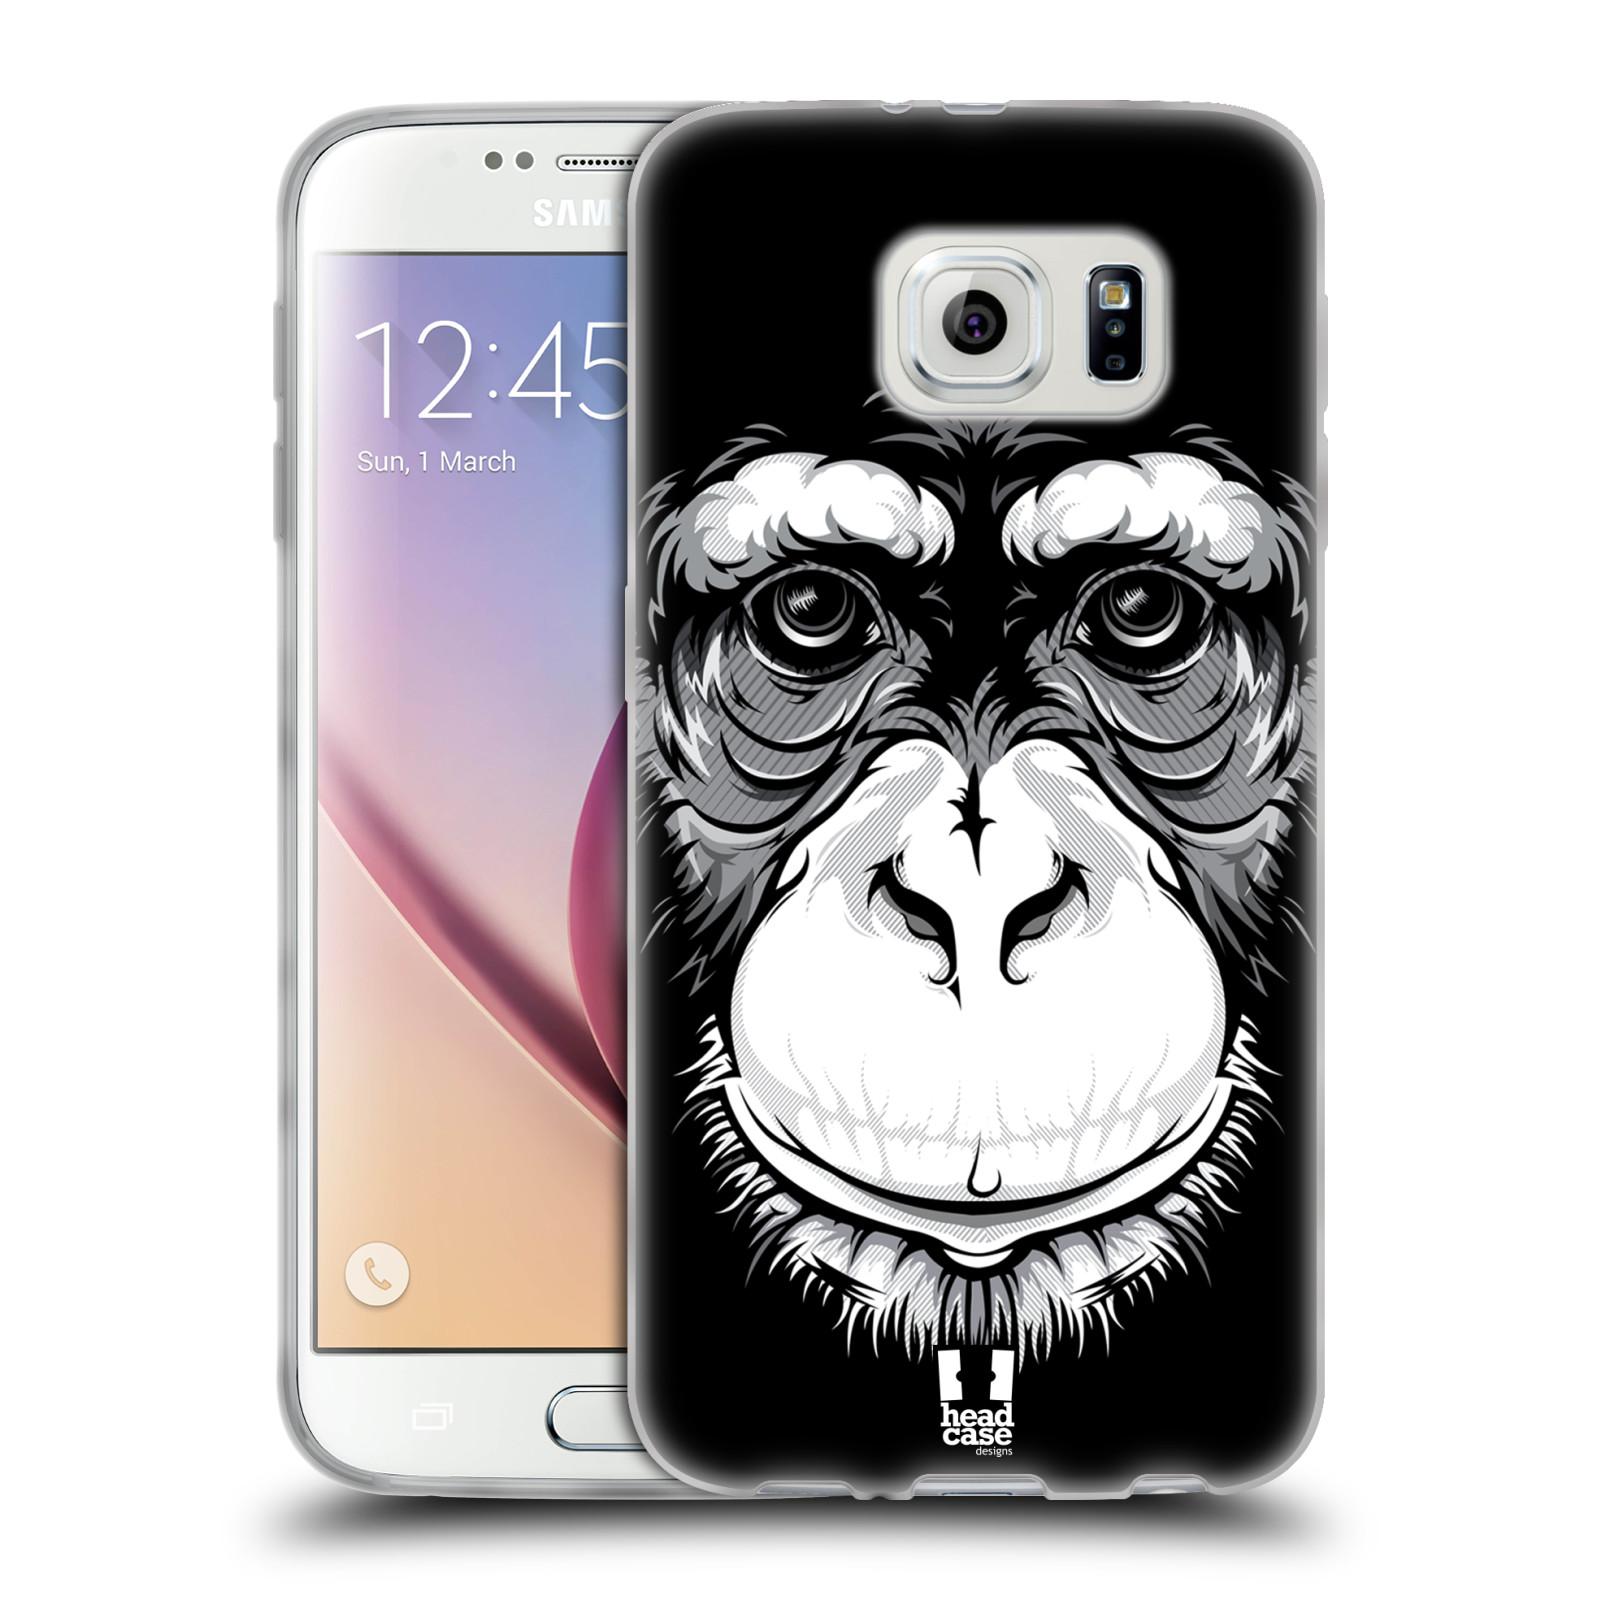 HEAD CASE silikonový obal na mobil Samsung Galaxy S6 vzor Zvíře kreslená tvář šimpanz